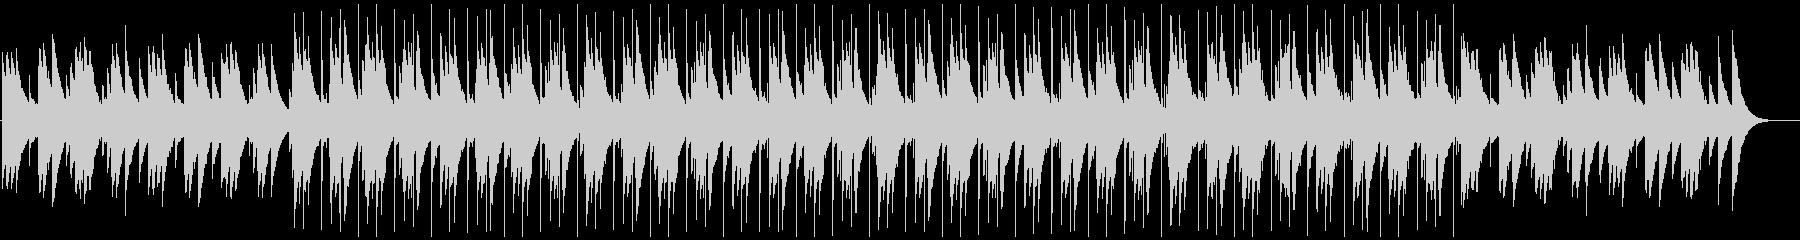 ドキュメンタリーに合うオルゴールBGMの未再生の波形